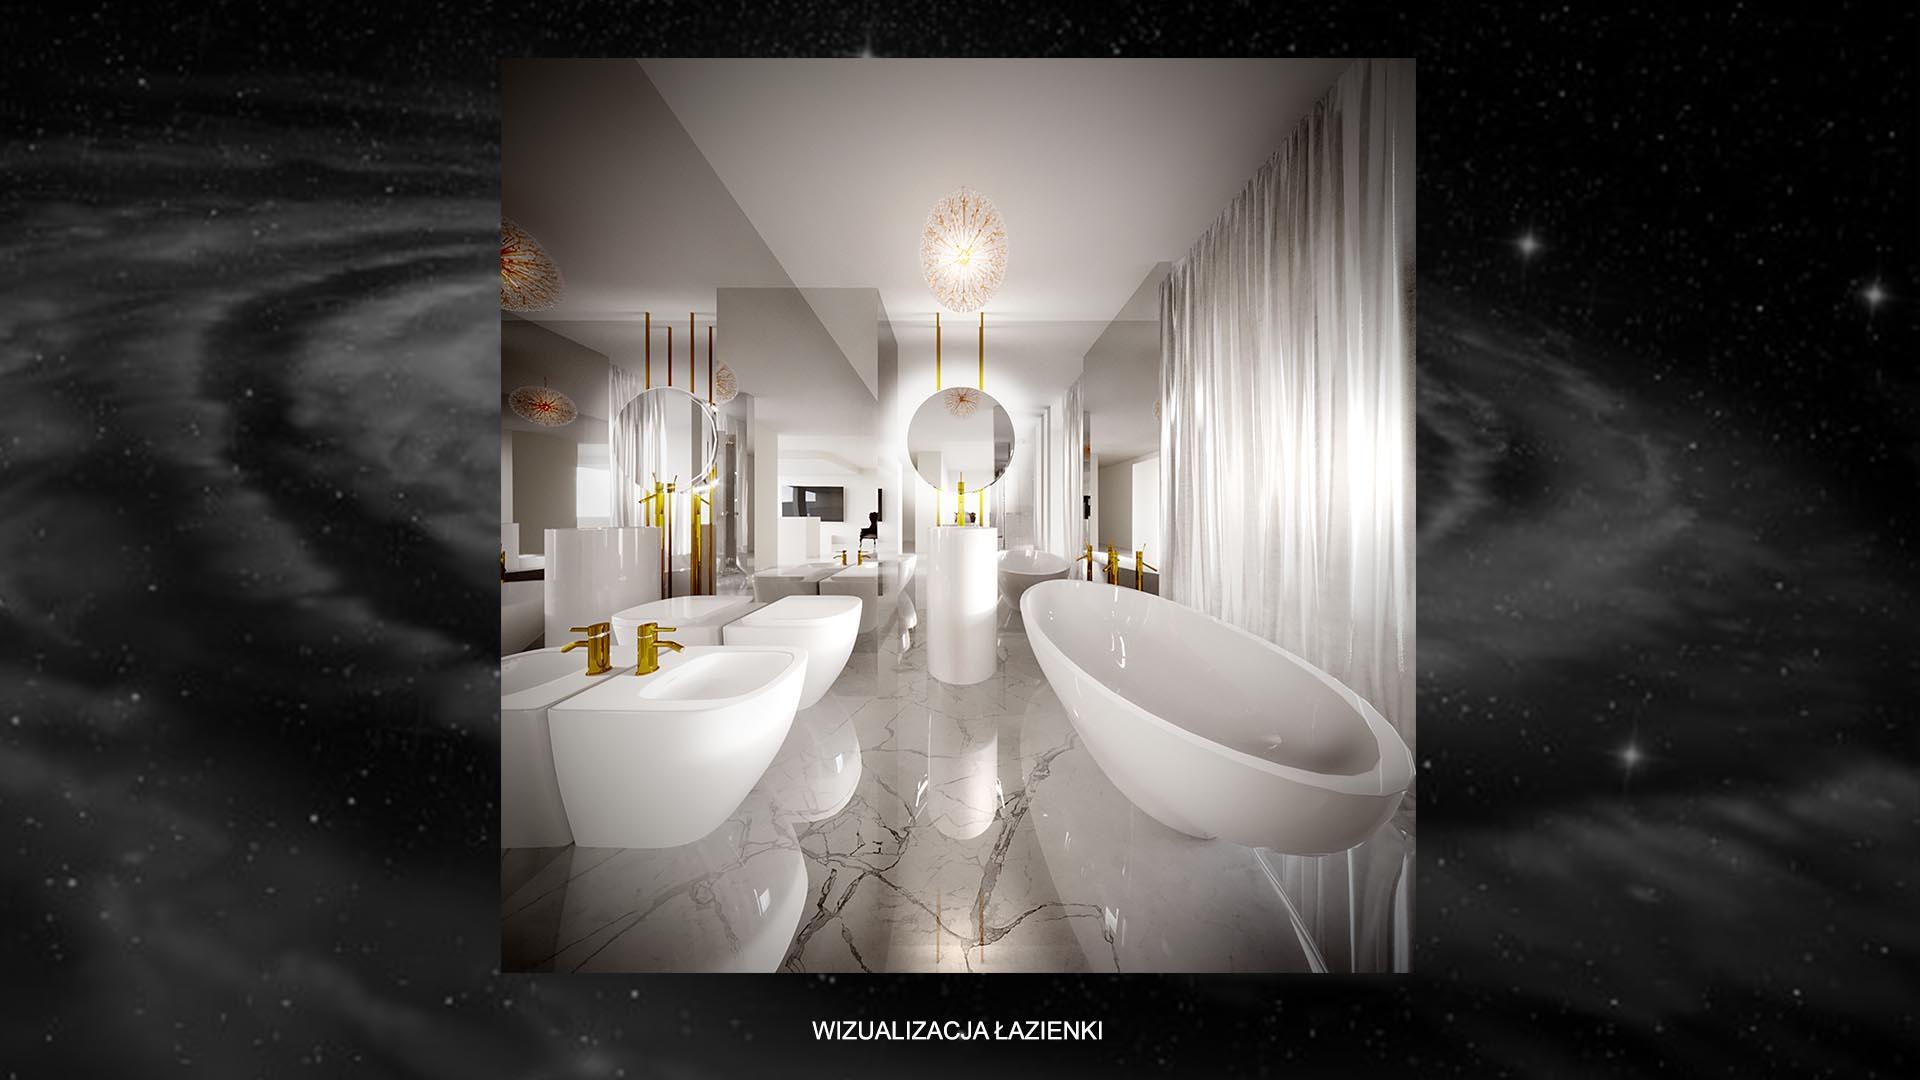 Apartament kometa - wizualizacja łazienki